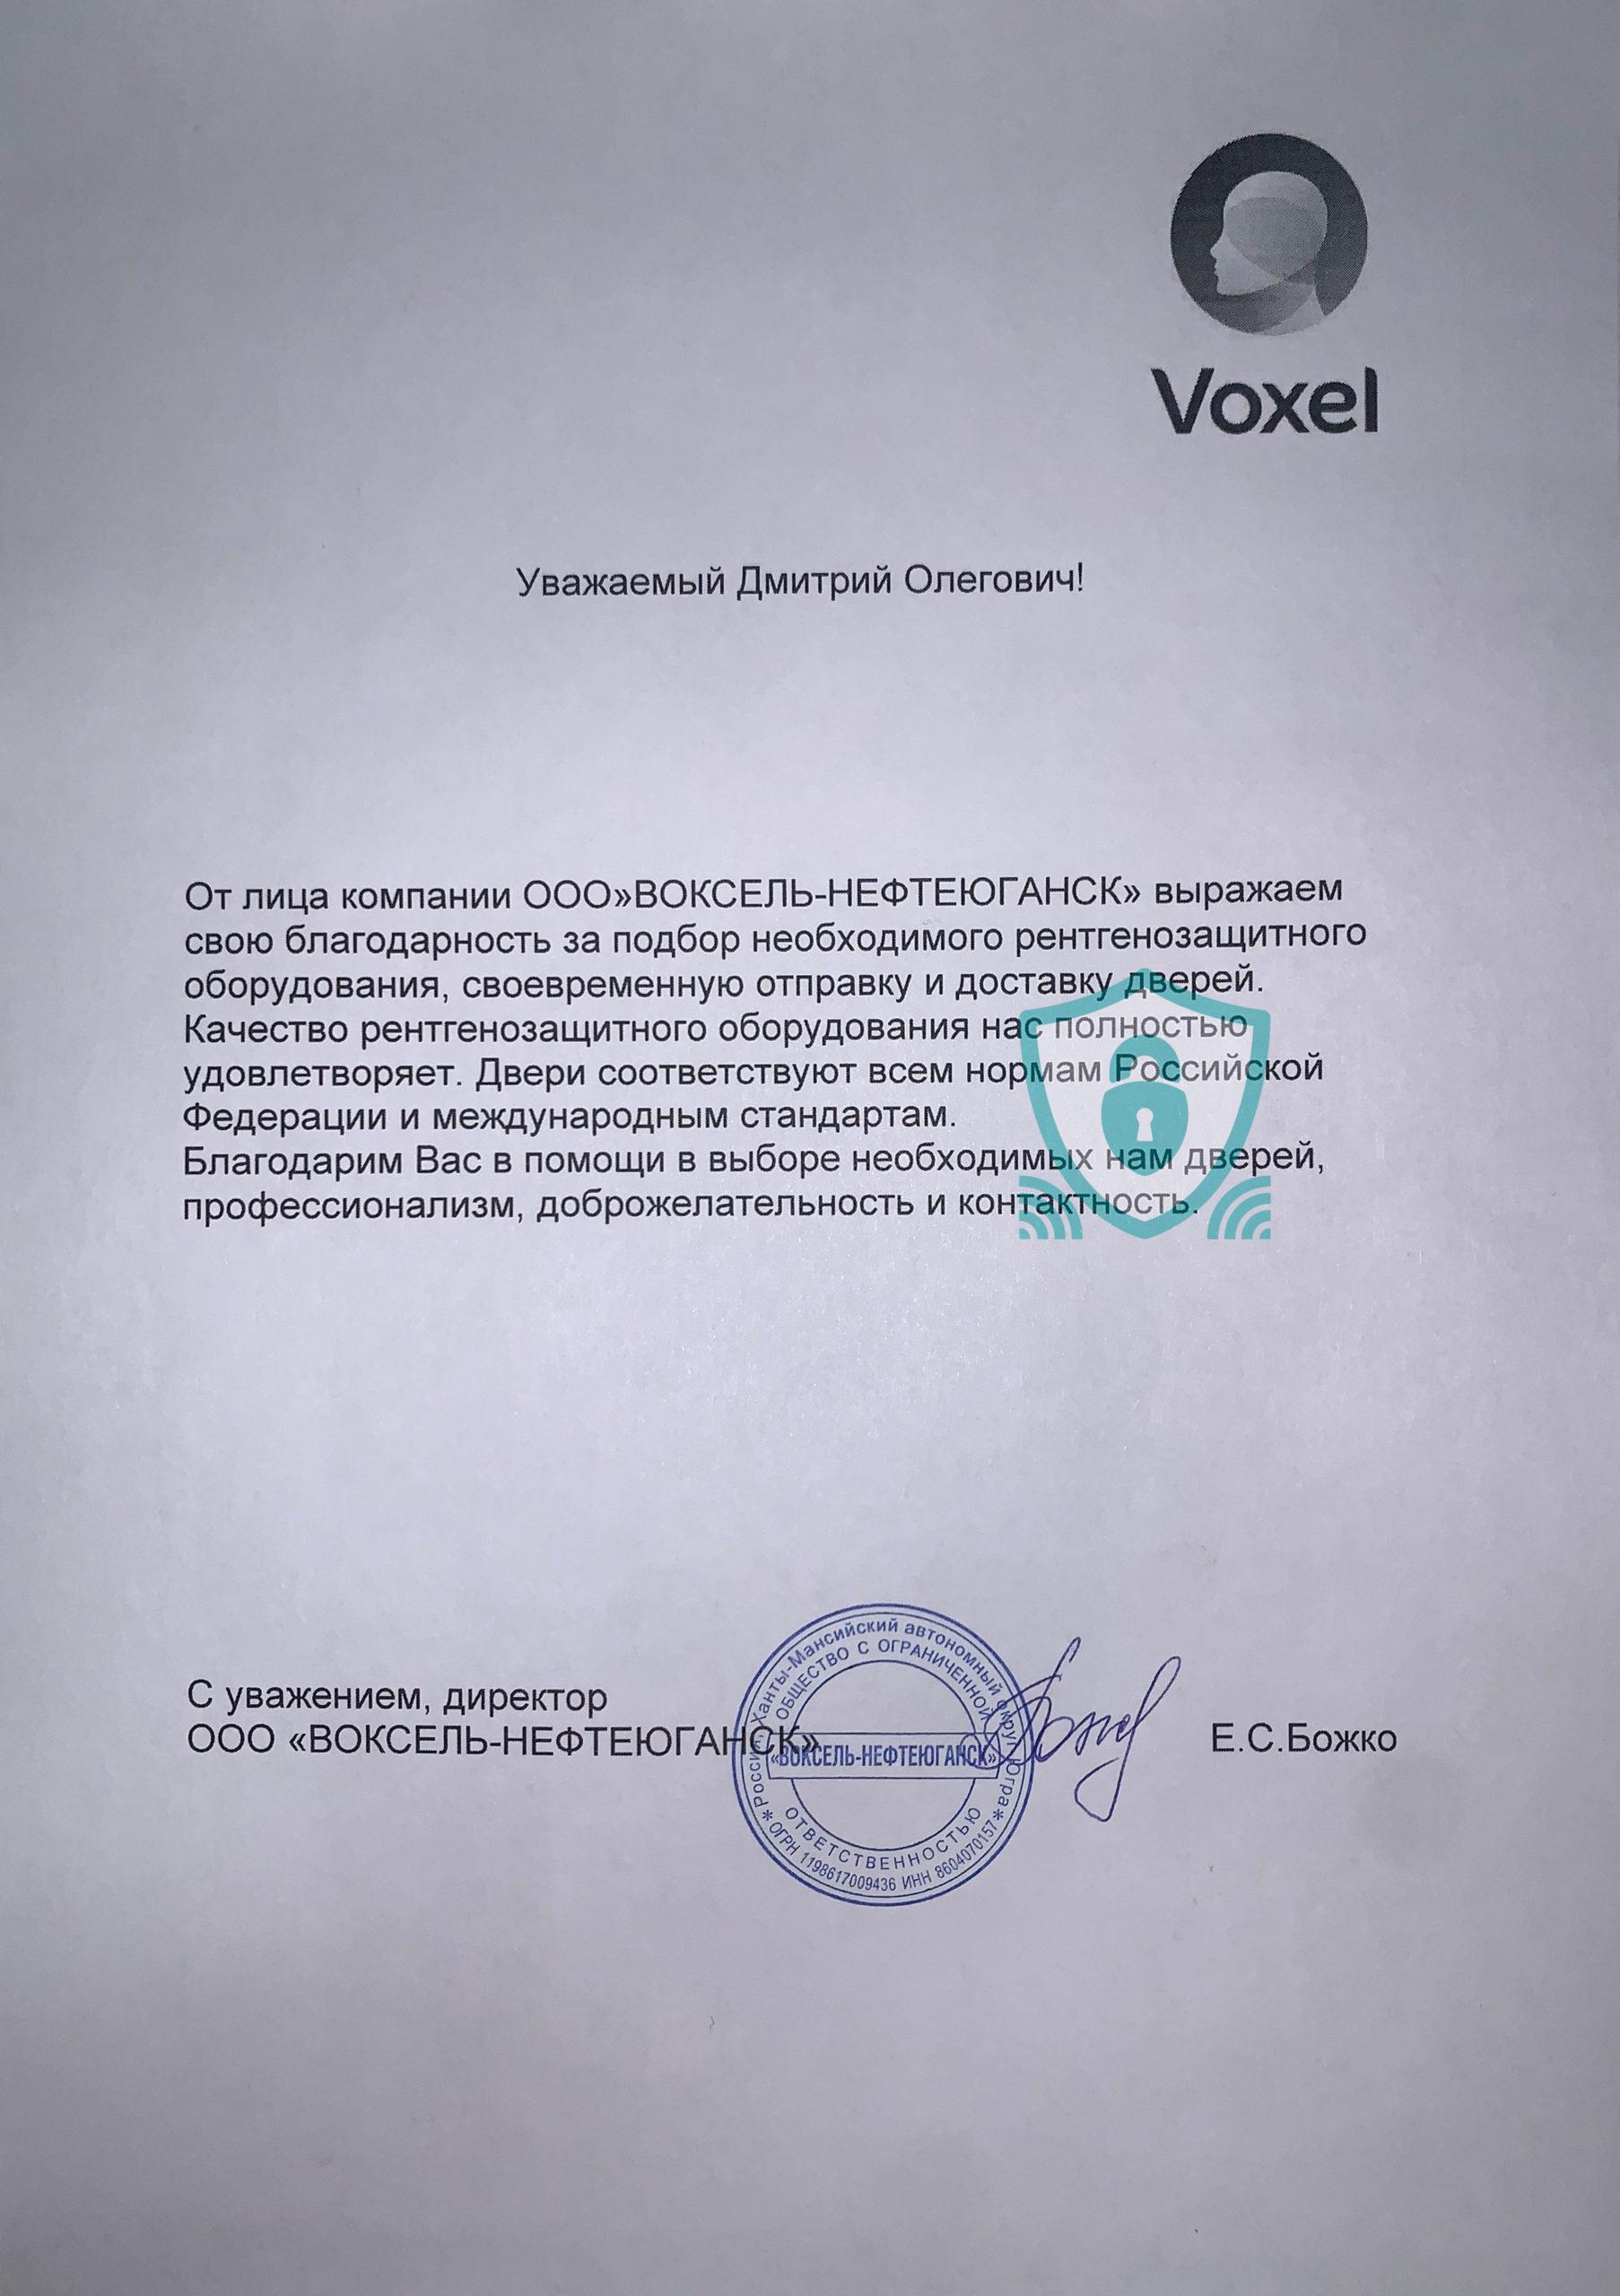 ООО «Voxel»